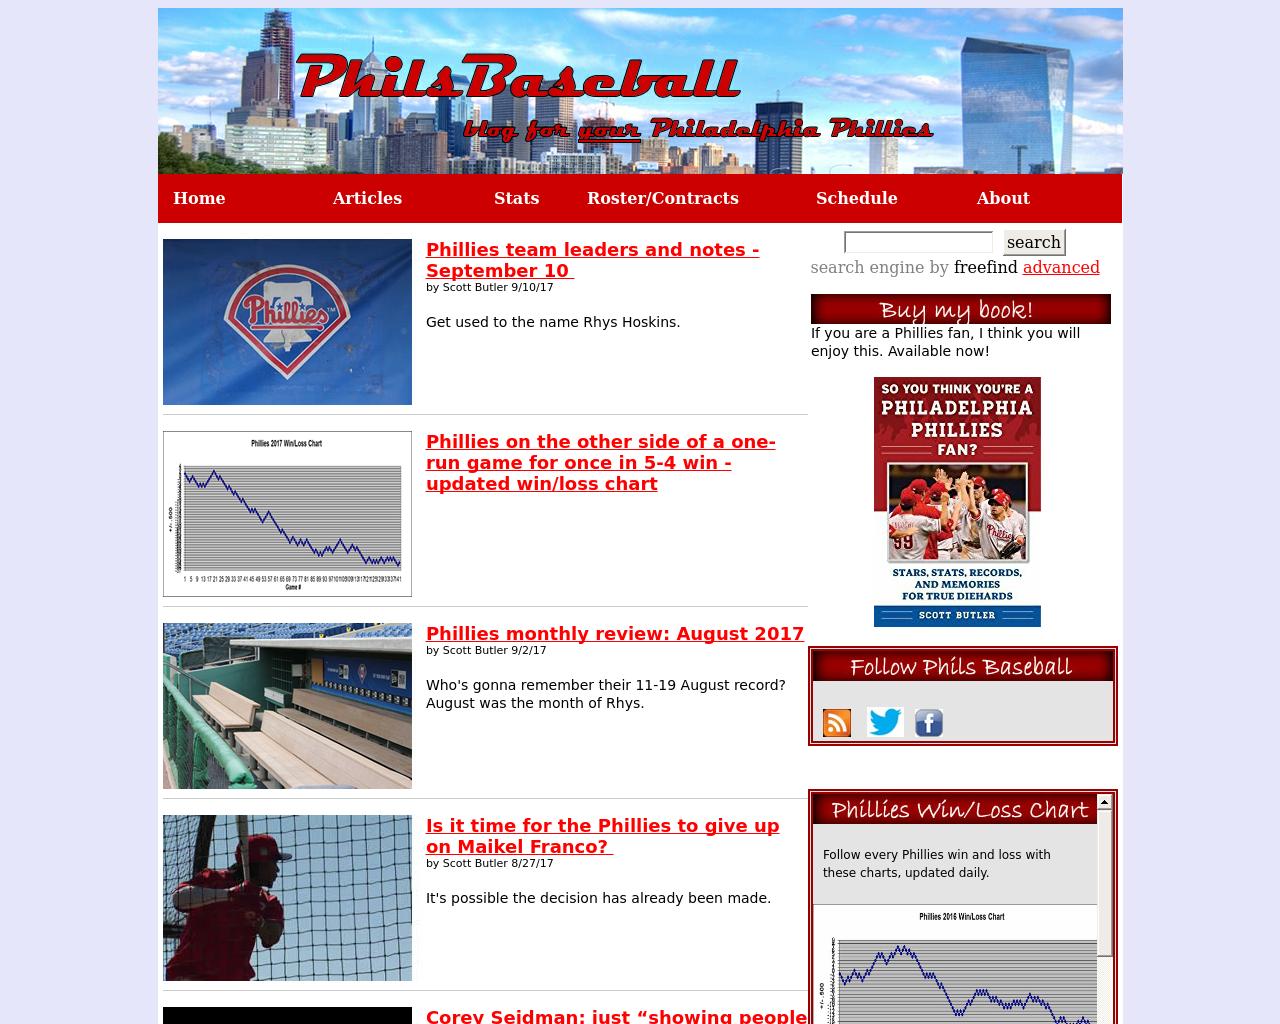 Phils-Baseball-Advertising-Reviews-Pricing